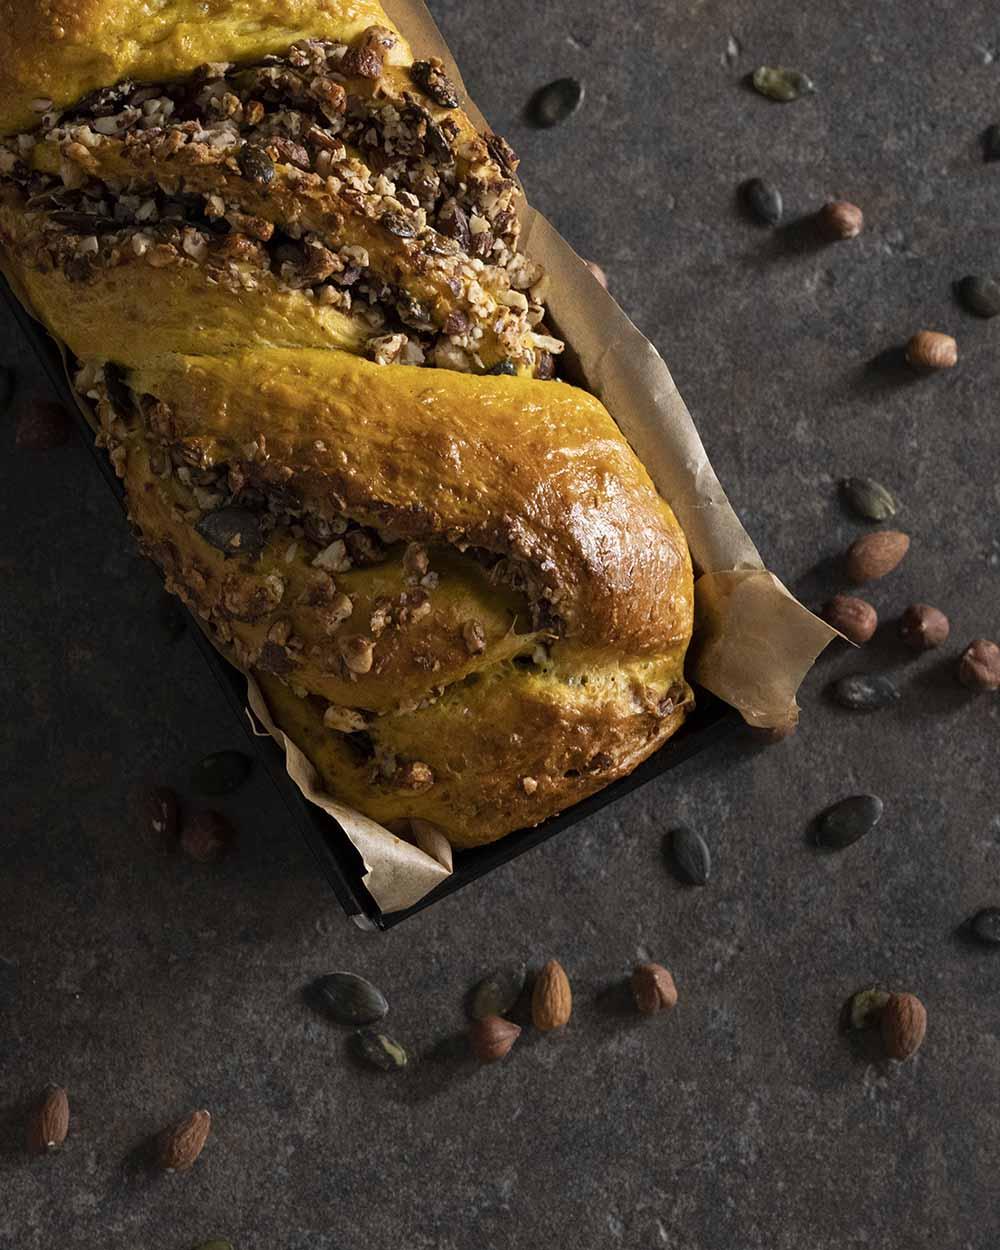 Das Kürbisbrot ist aus dem Ofen gekommen und hat eine goldbraune Oberfläche